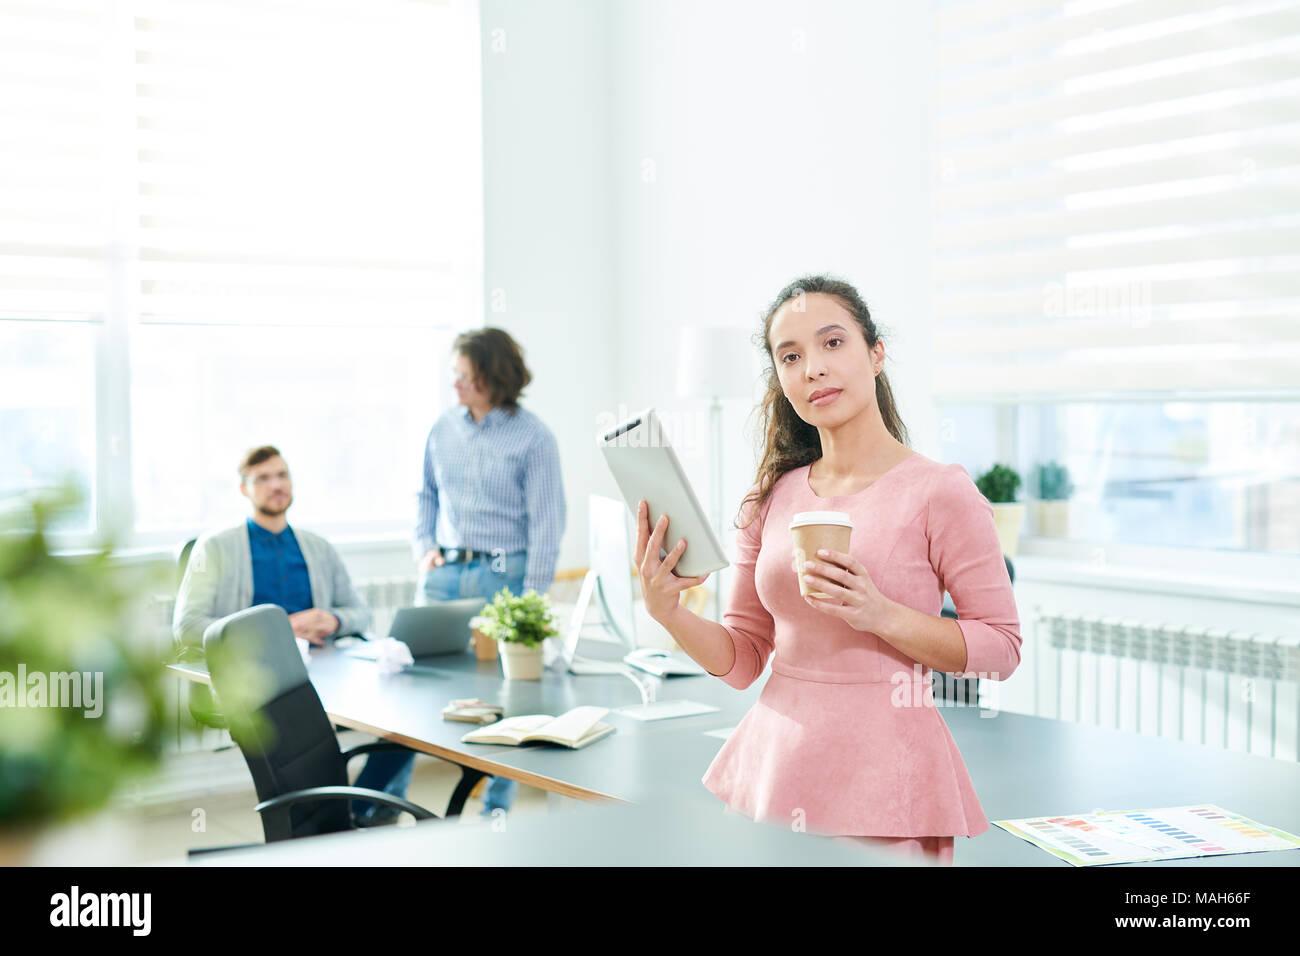 Moderne business lady mit Gerät Stockbild